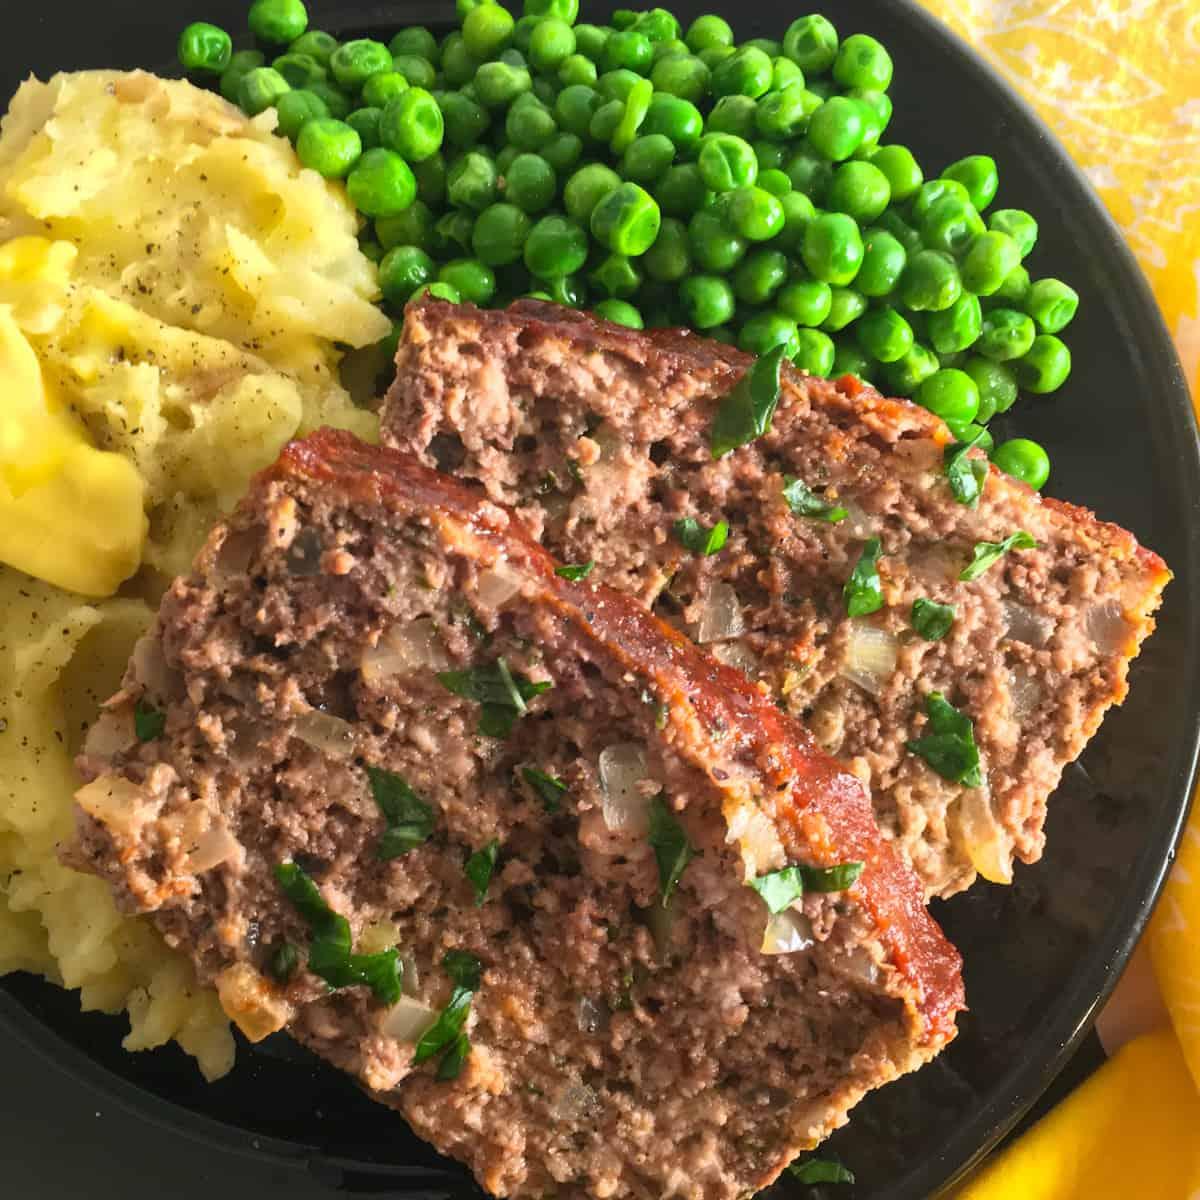 meatloaf potatoes peas